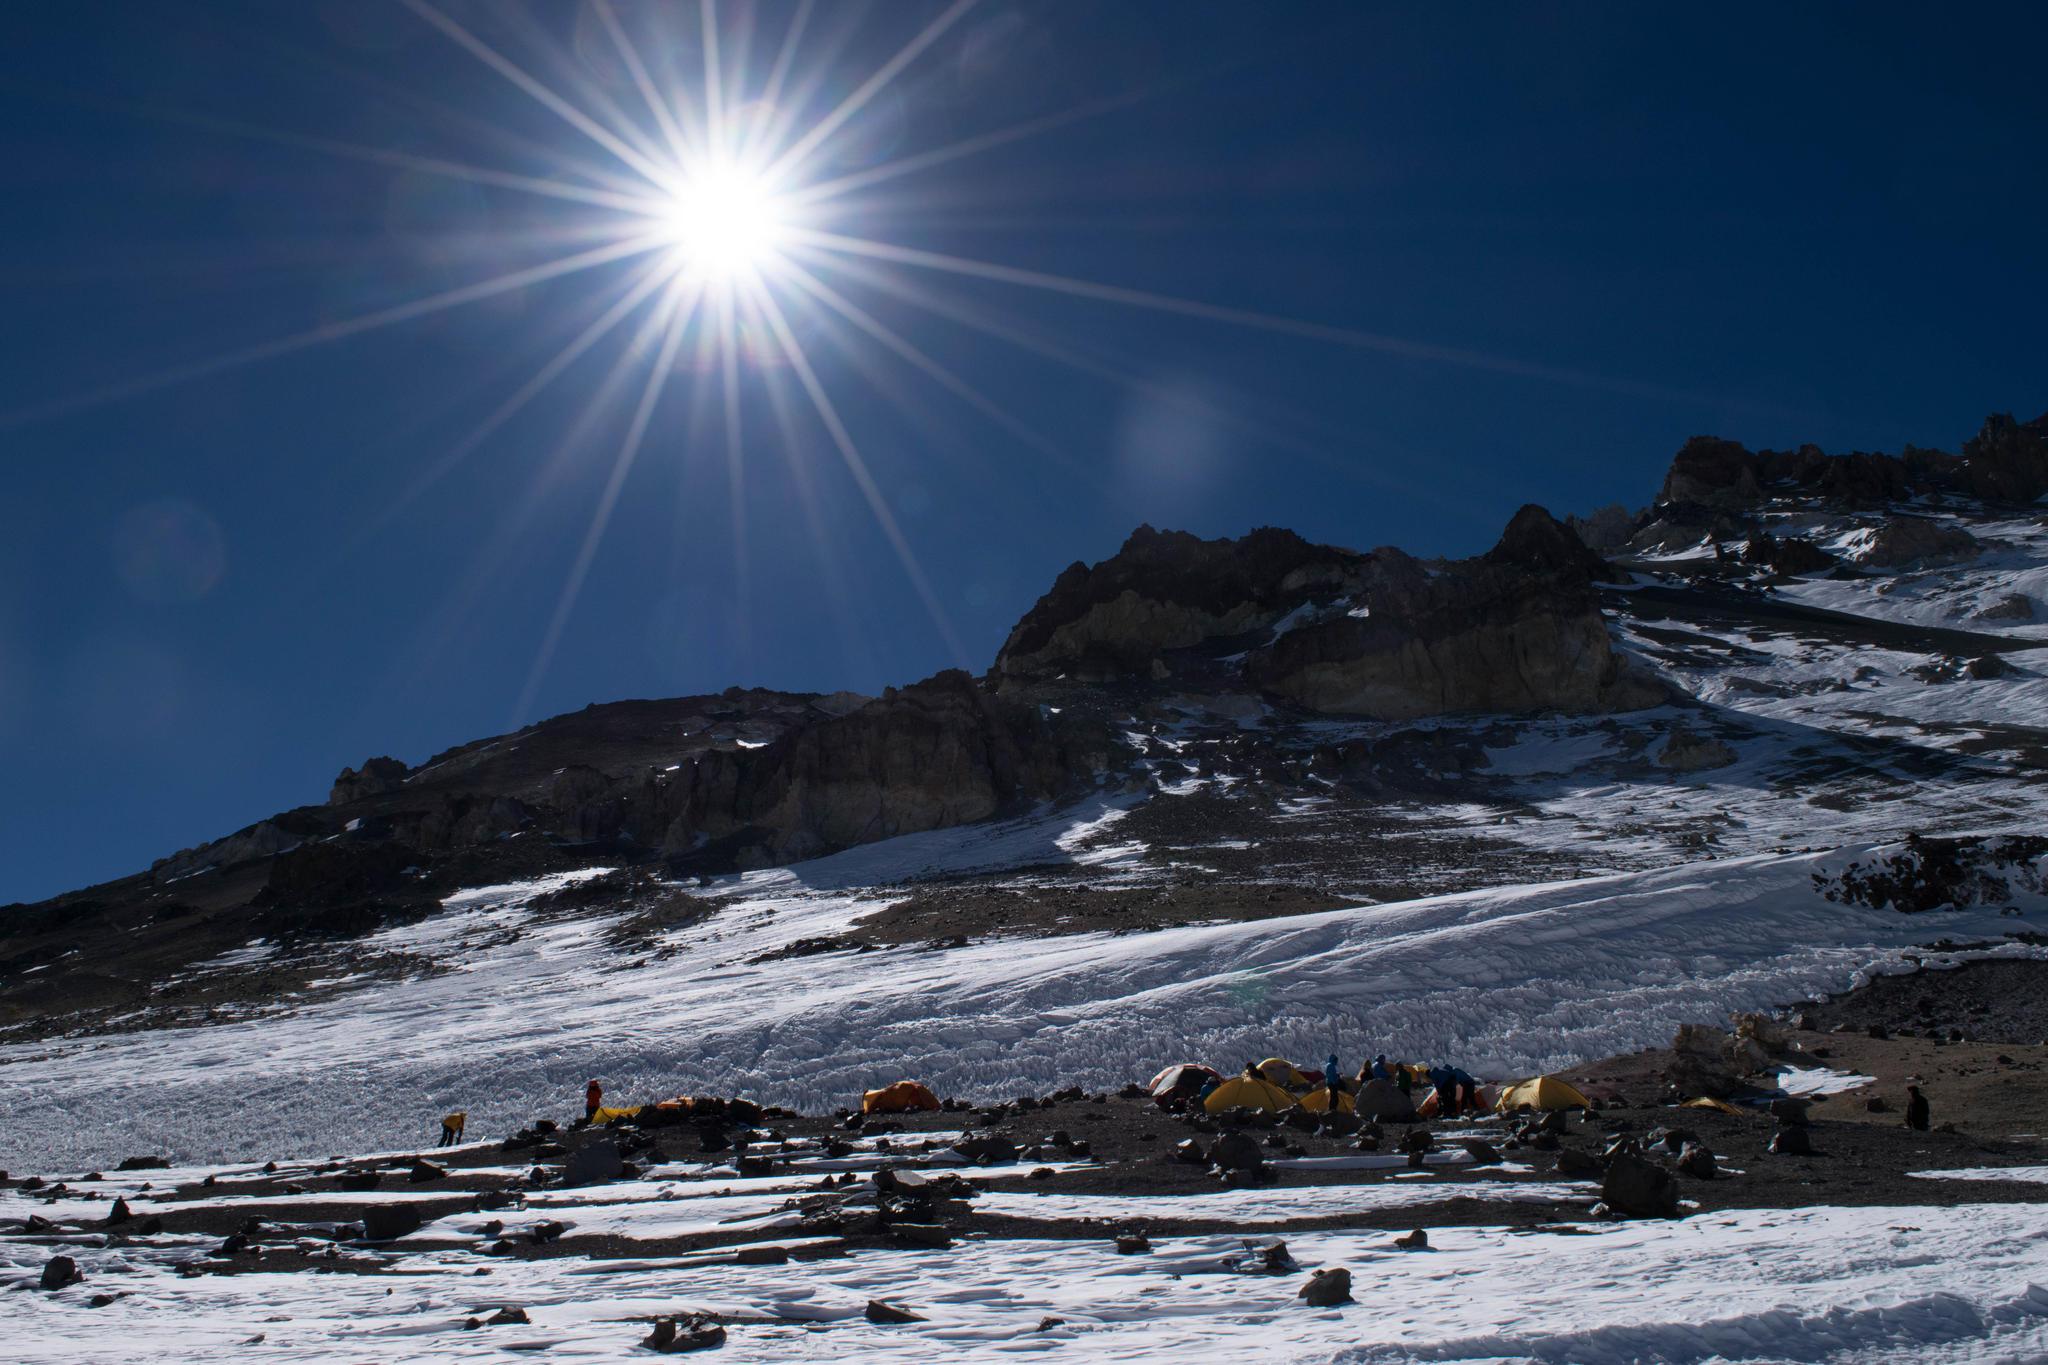 Val Paraiso krok upp för vilken tid är radio metrisk dating används för med magmatiska stenar